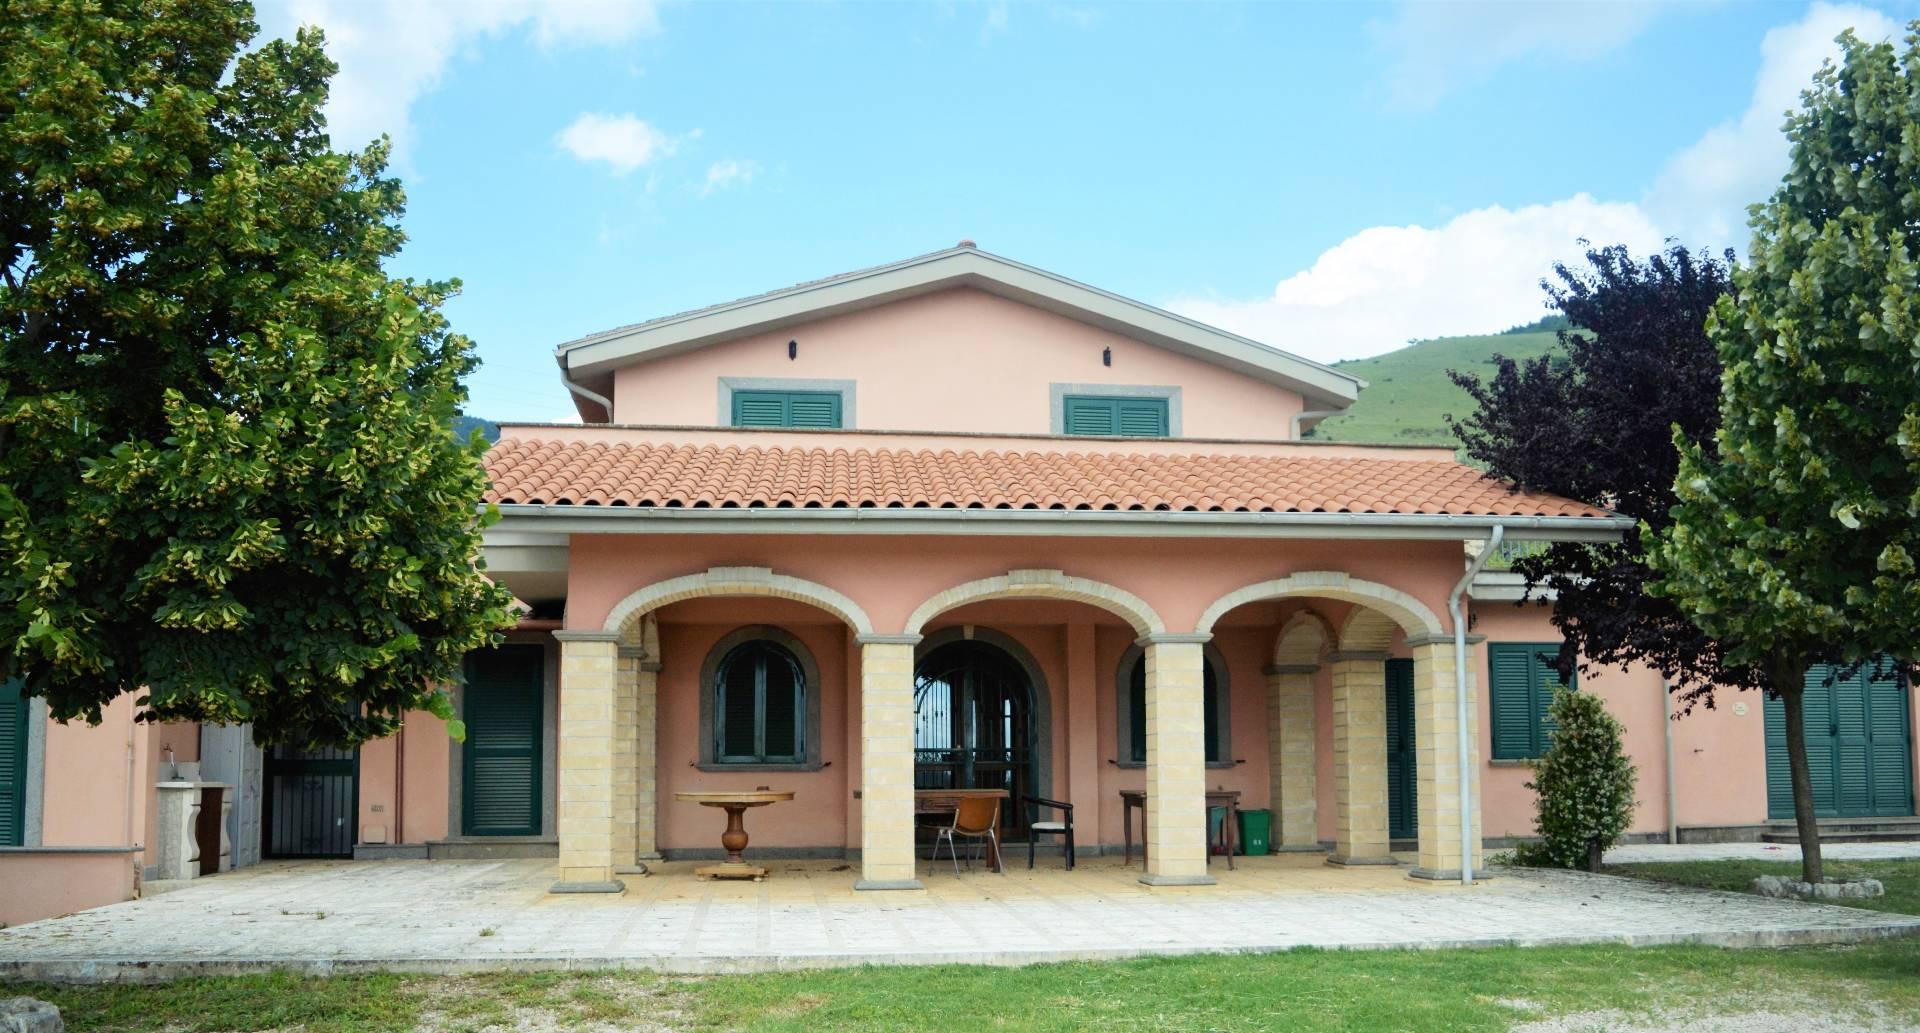 Rustico / Casale in vendita a Piglio, 18 locali, prezzo € 590.000 | CambioCasa.it